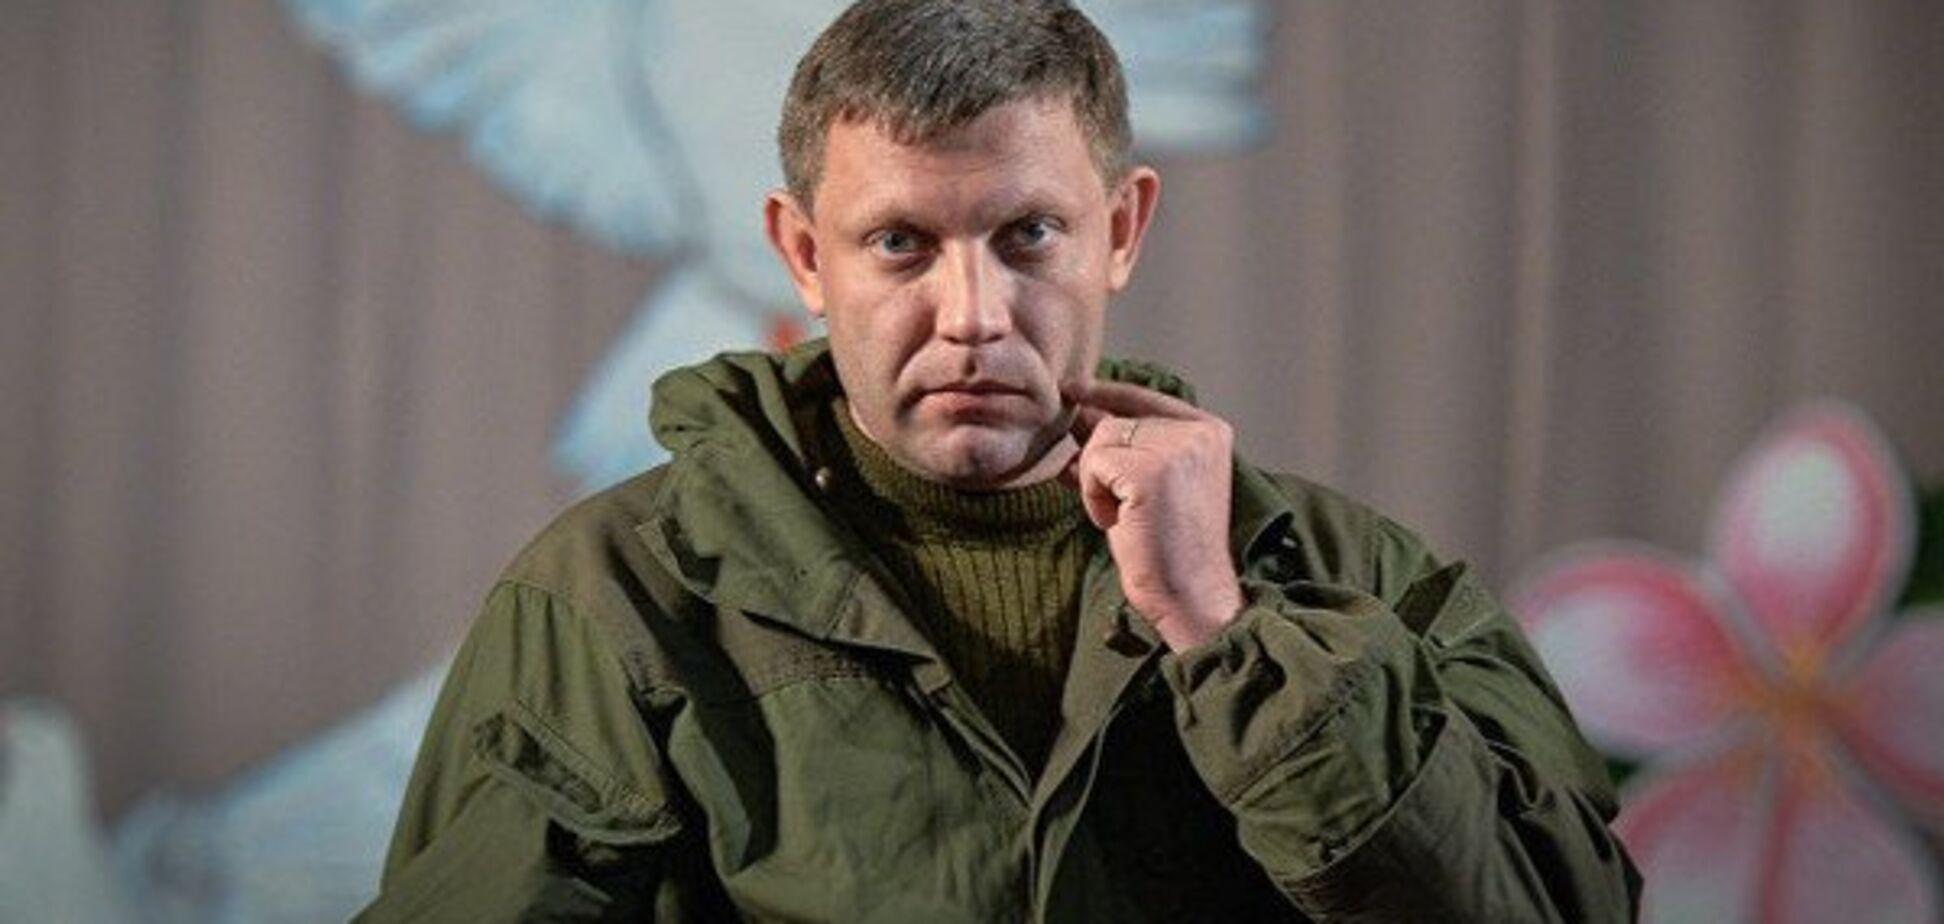 Сдал всех: задержан подозреваемый в убийстве Захарченко